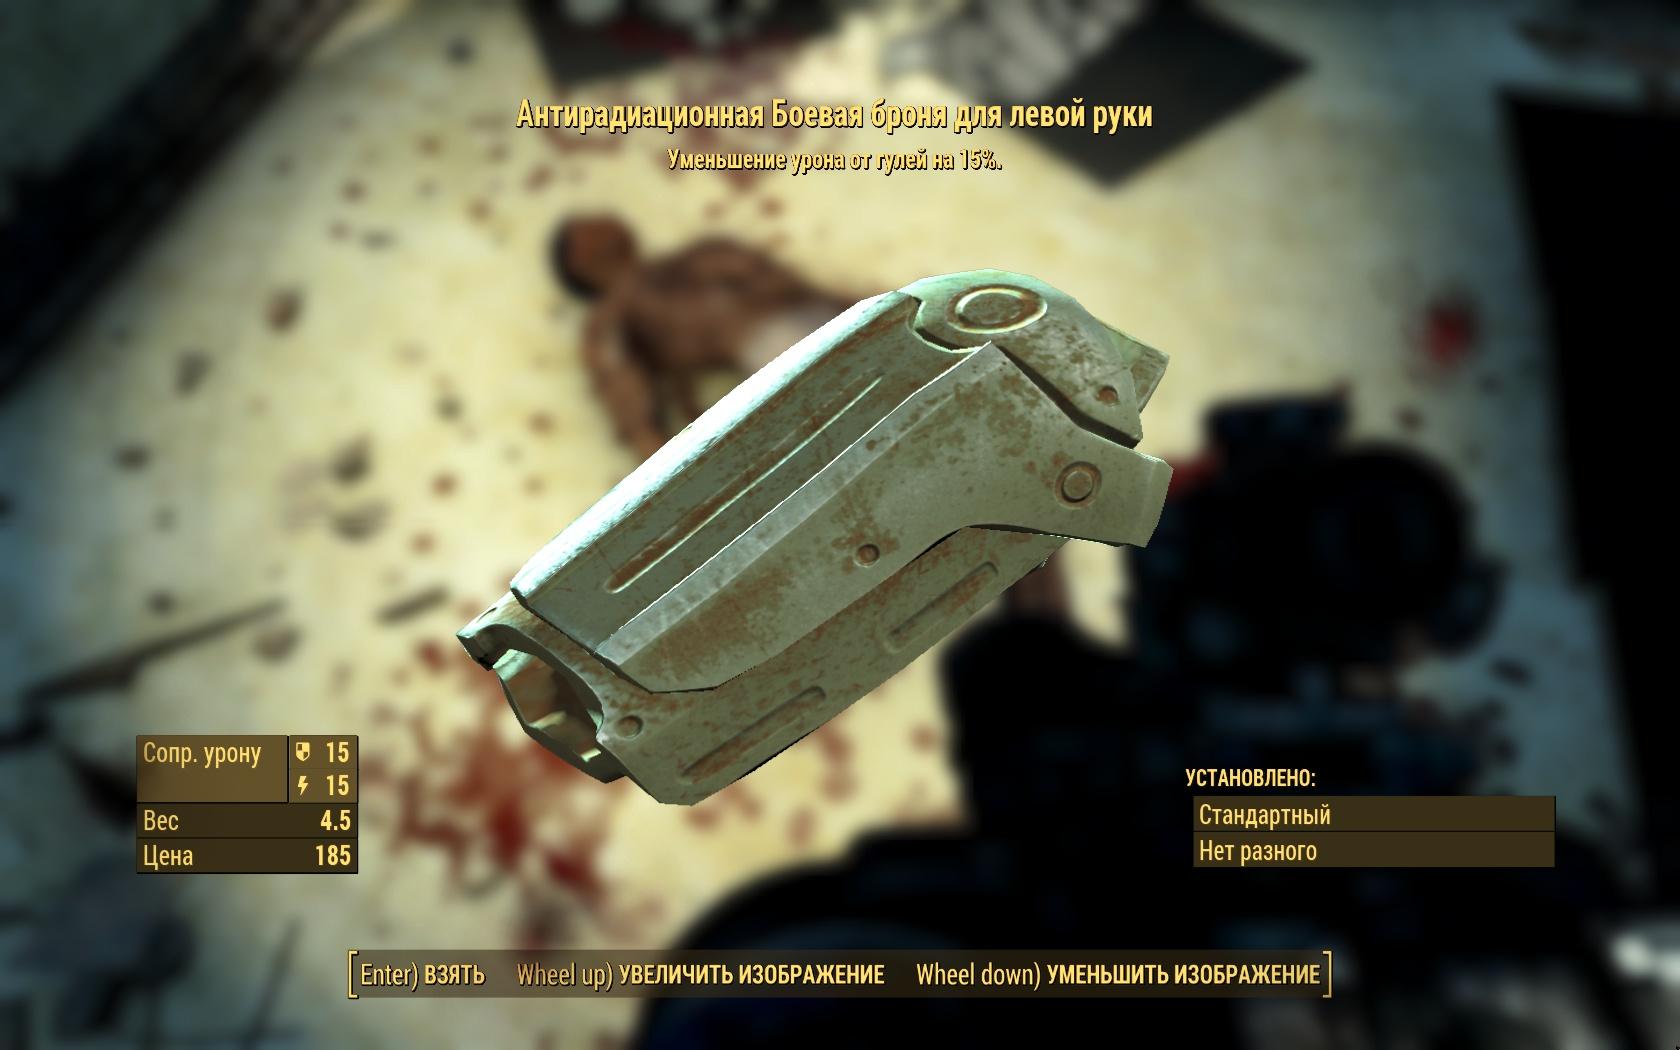 Антирадиационная боевая броня для левой руки - Fallout 4 Антирадиационная, броня, Одежда